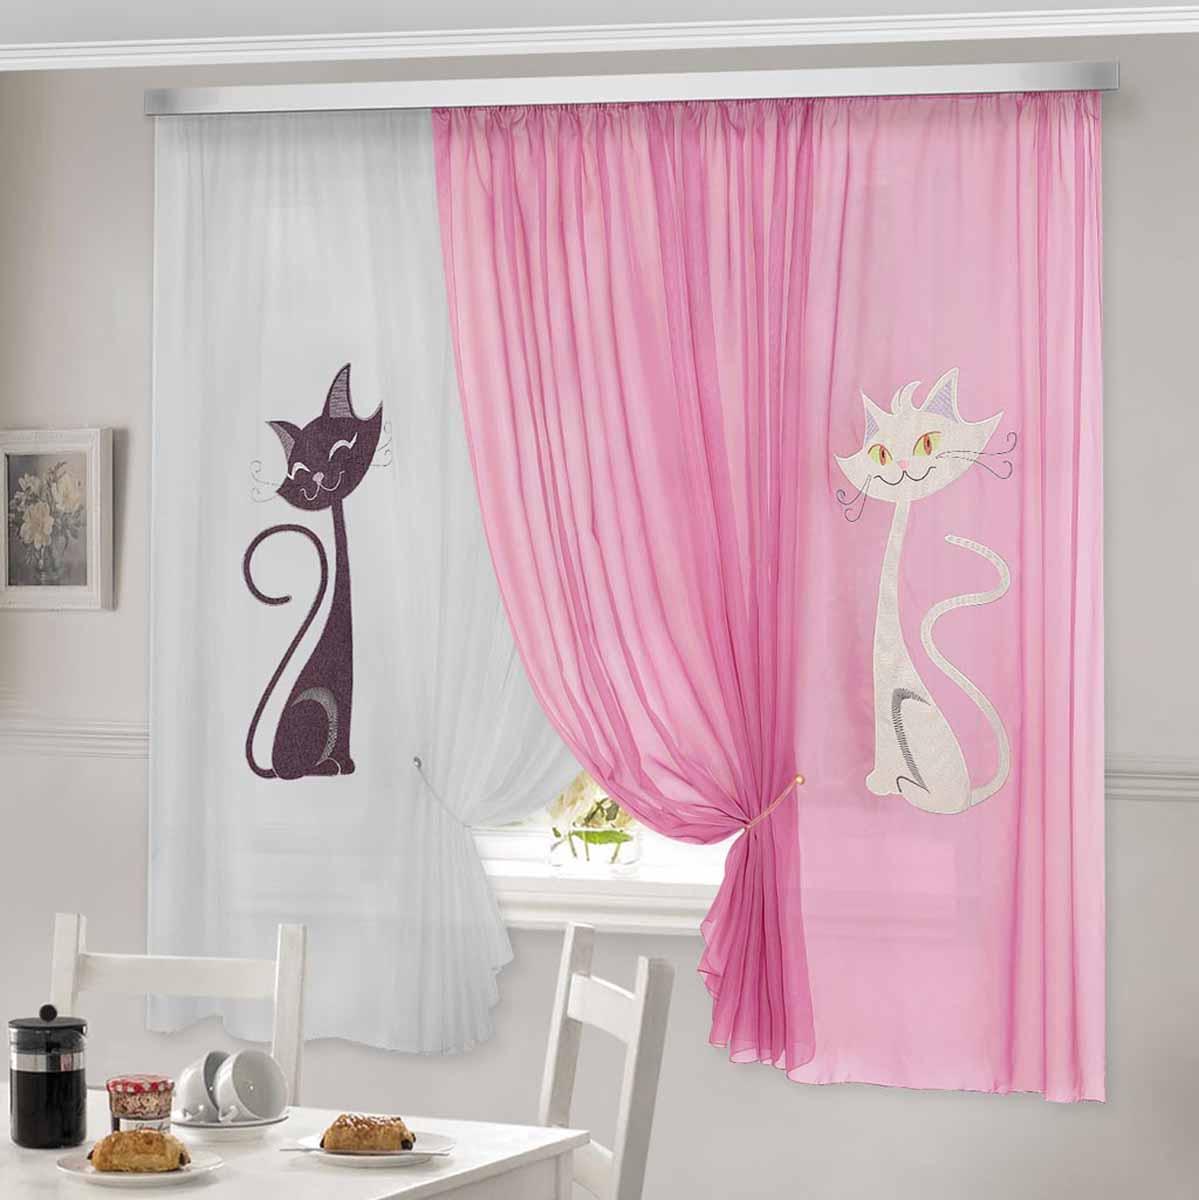 Комплект штор ТД Текстиль Кэти, на ленте, цвет: розовый, белый, высота 180 см92332Шторы выполнены из вуалевого полотна с аппликацией в виде кошек. Стирать аккуратно, не более 30-40 градусов. Цвета в ассортименте.